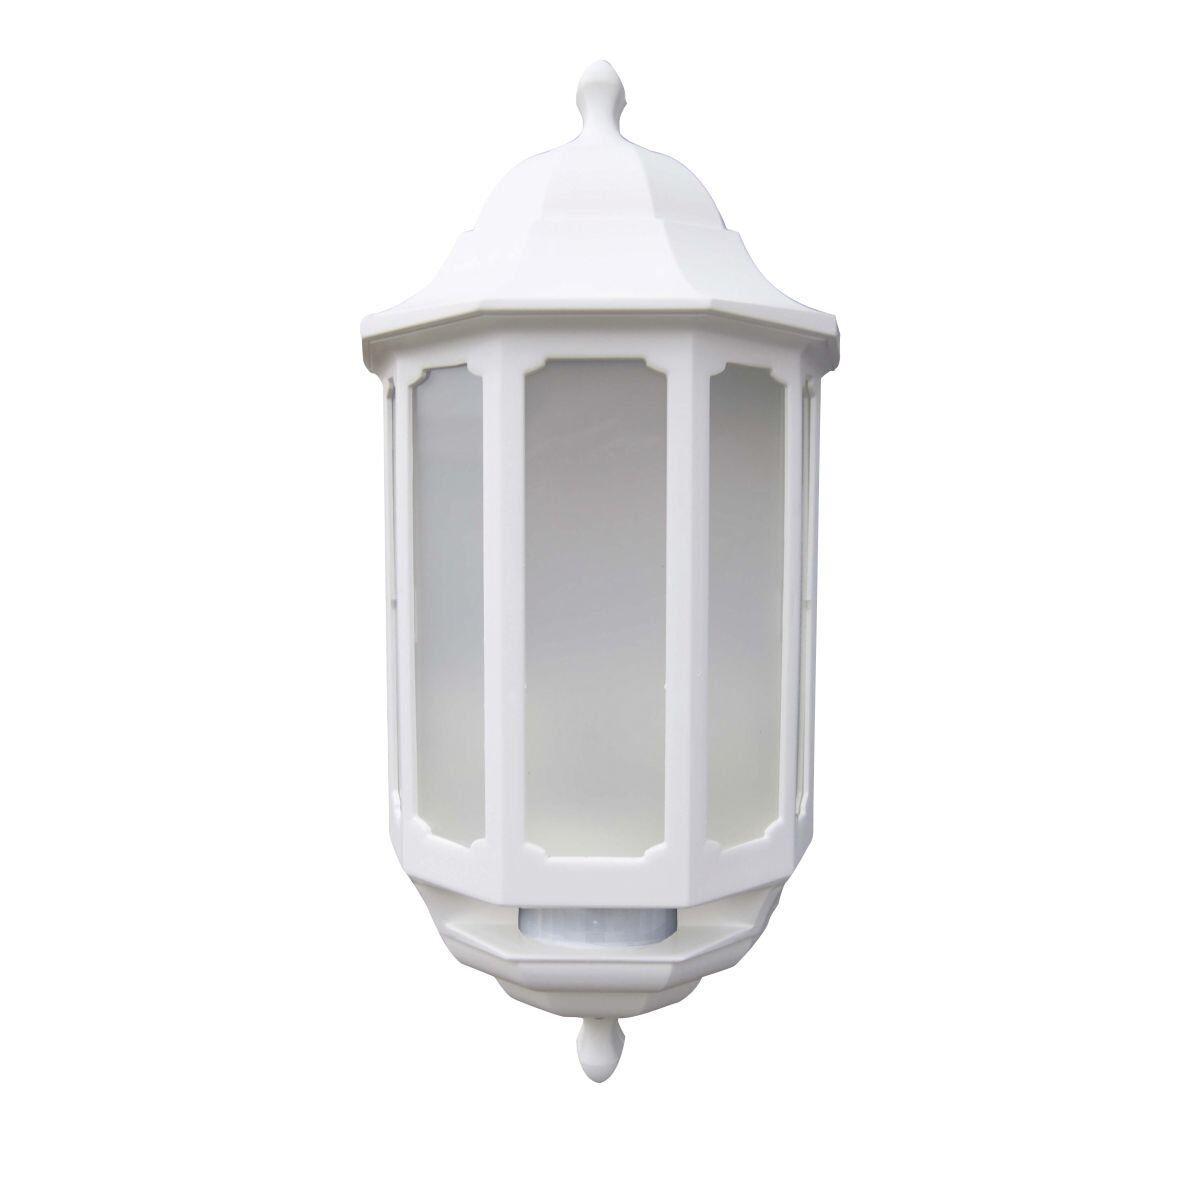 ASD LED Hi-lo media Linterna al aire libre luz de parojo con sensor de movimiento PIR Hilo-blancoo